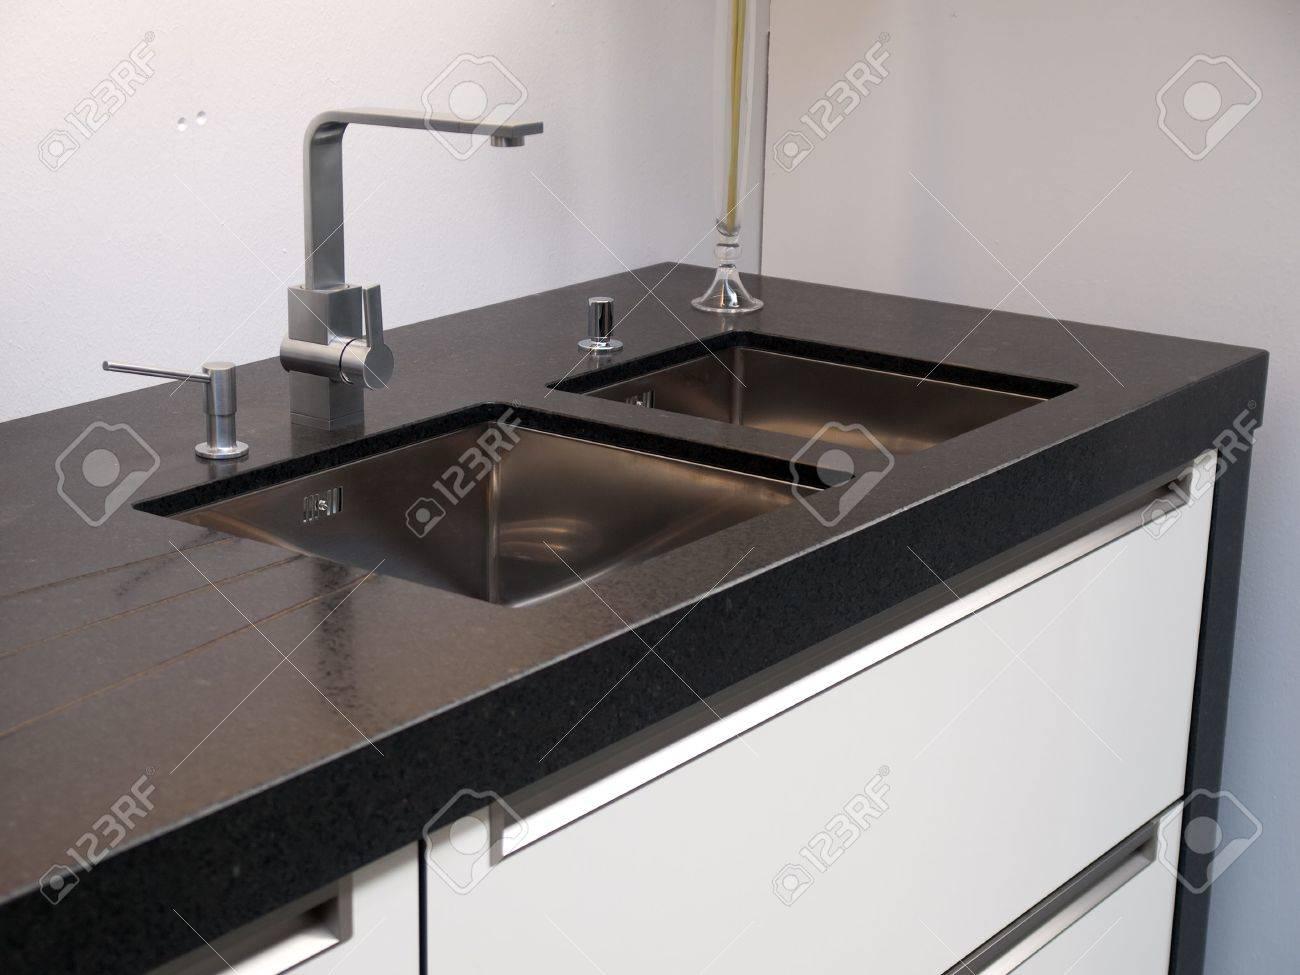 Full Size of Küche Waschbecken Blanco Küche Waschbecken Anschließen Küche Waschbecken Keramik Küche Waschbecken Verstopft Küche Küche Waschbecken